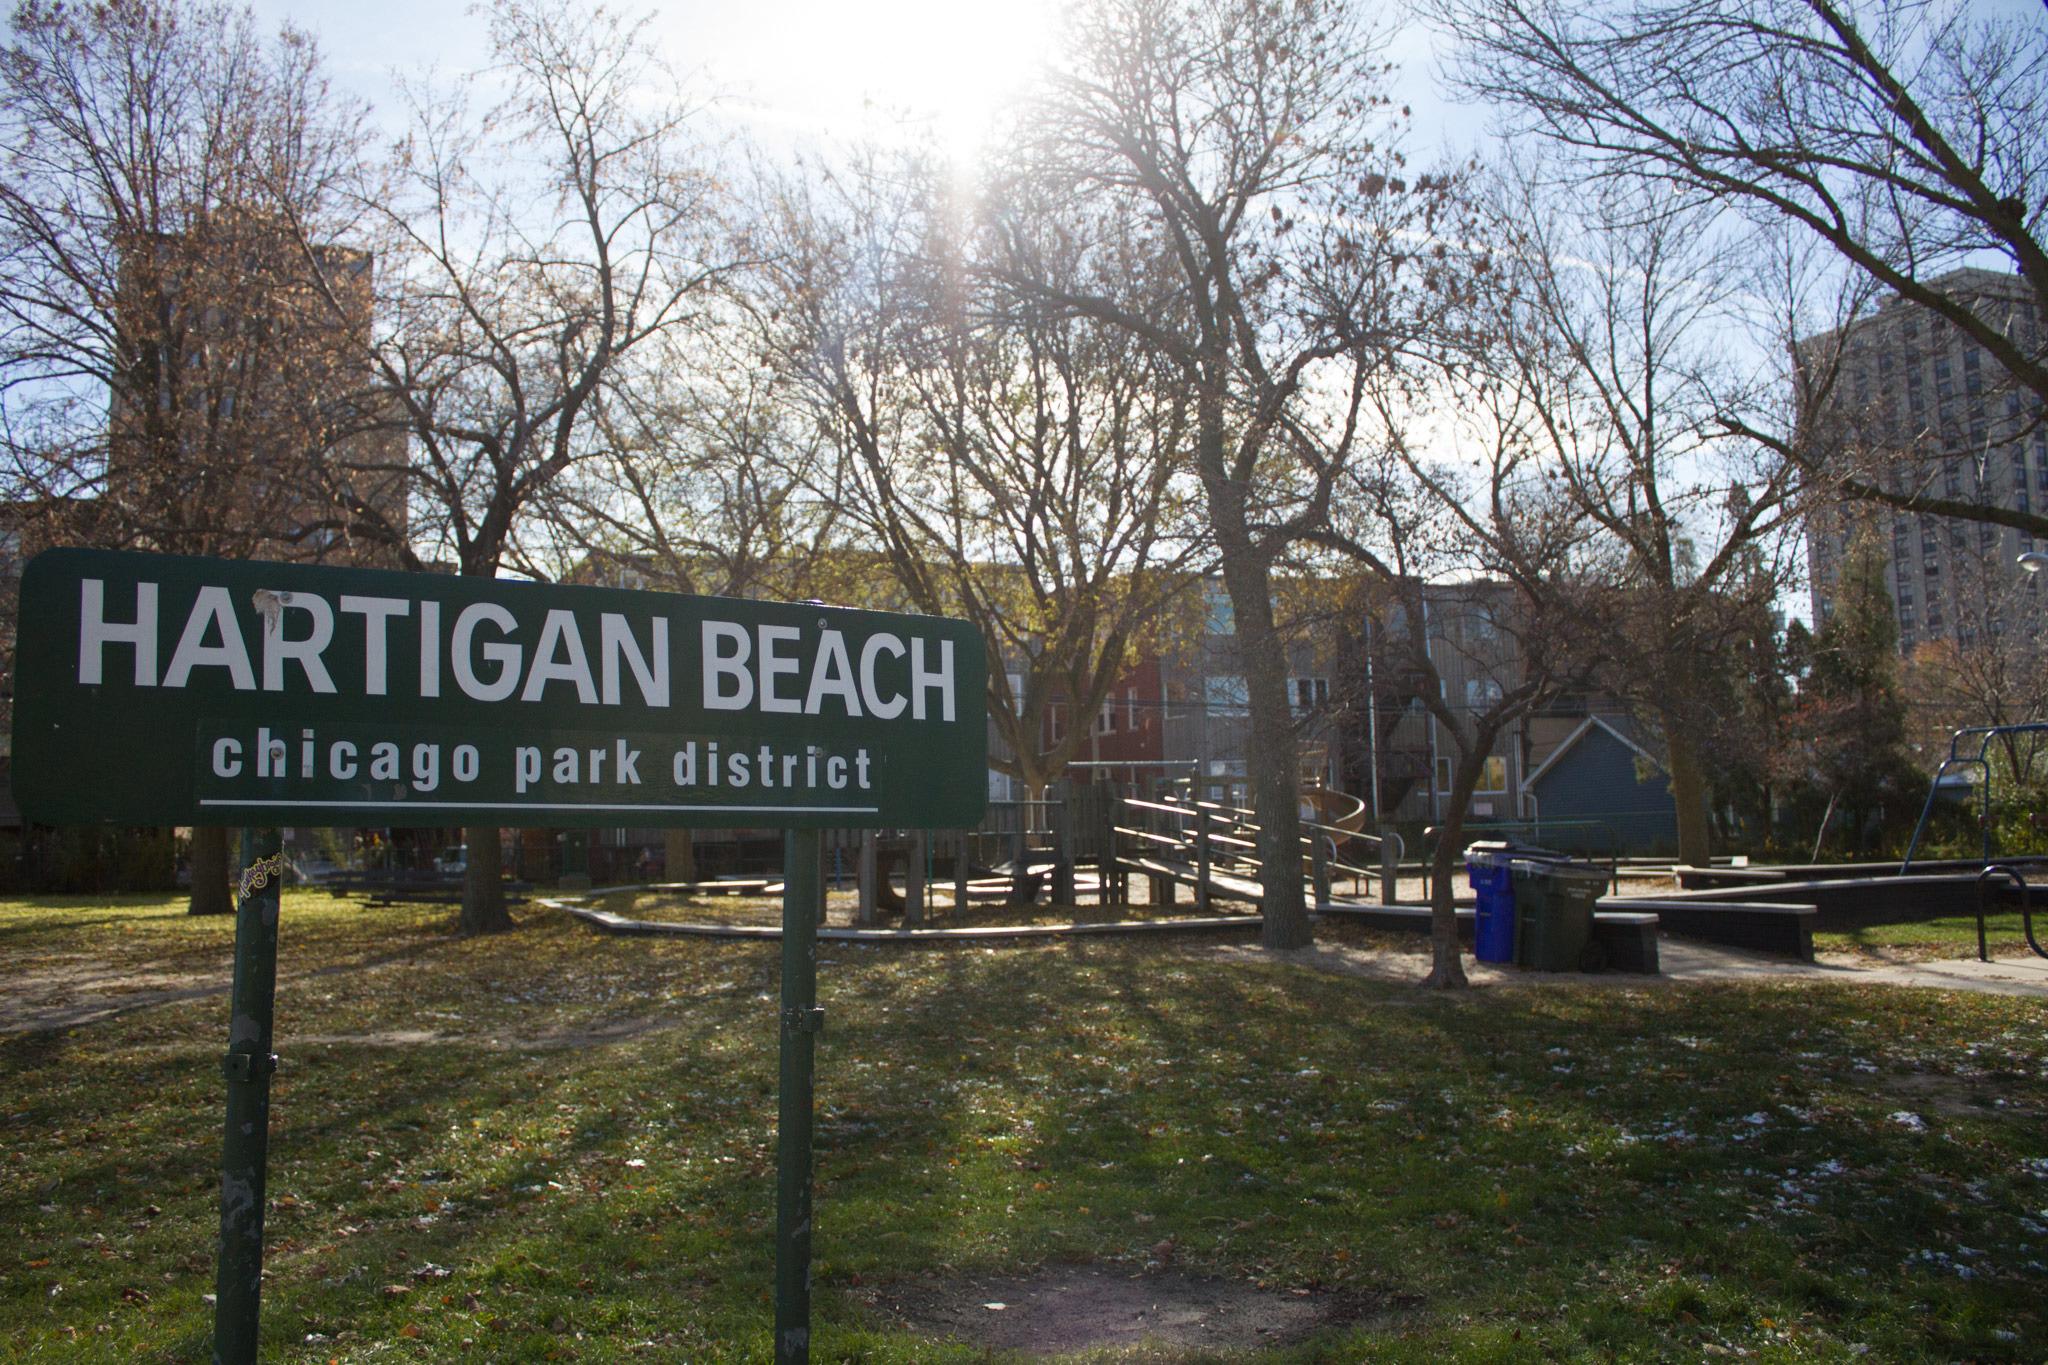 Hartigan Beach